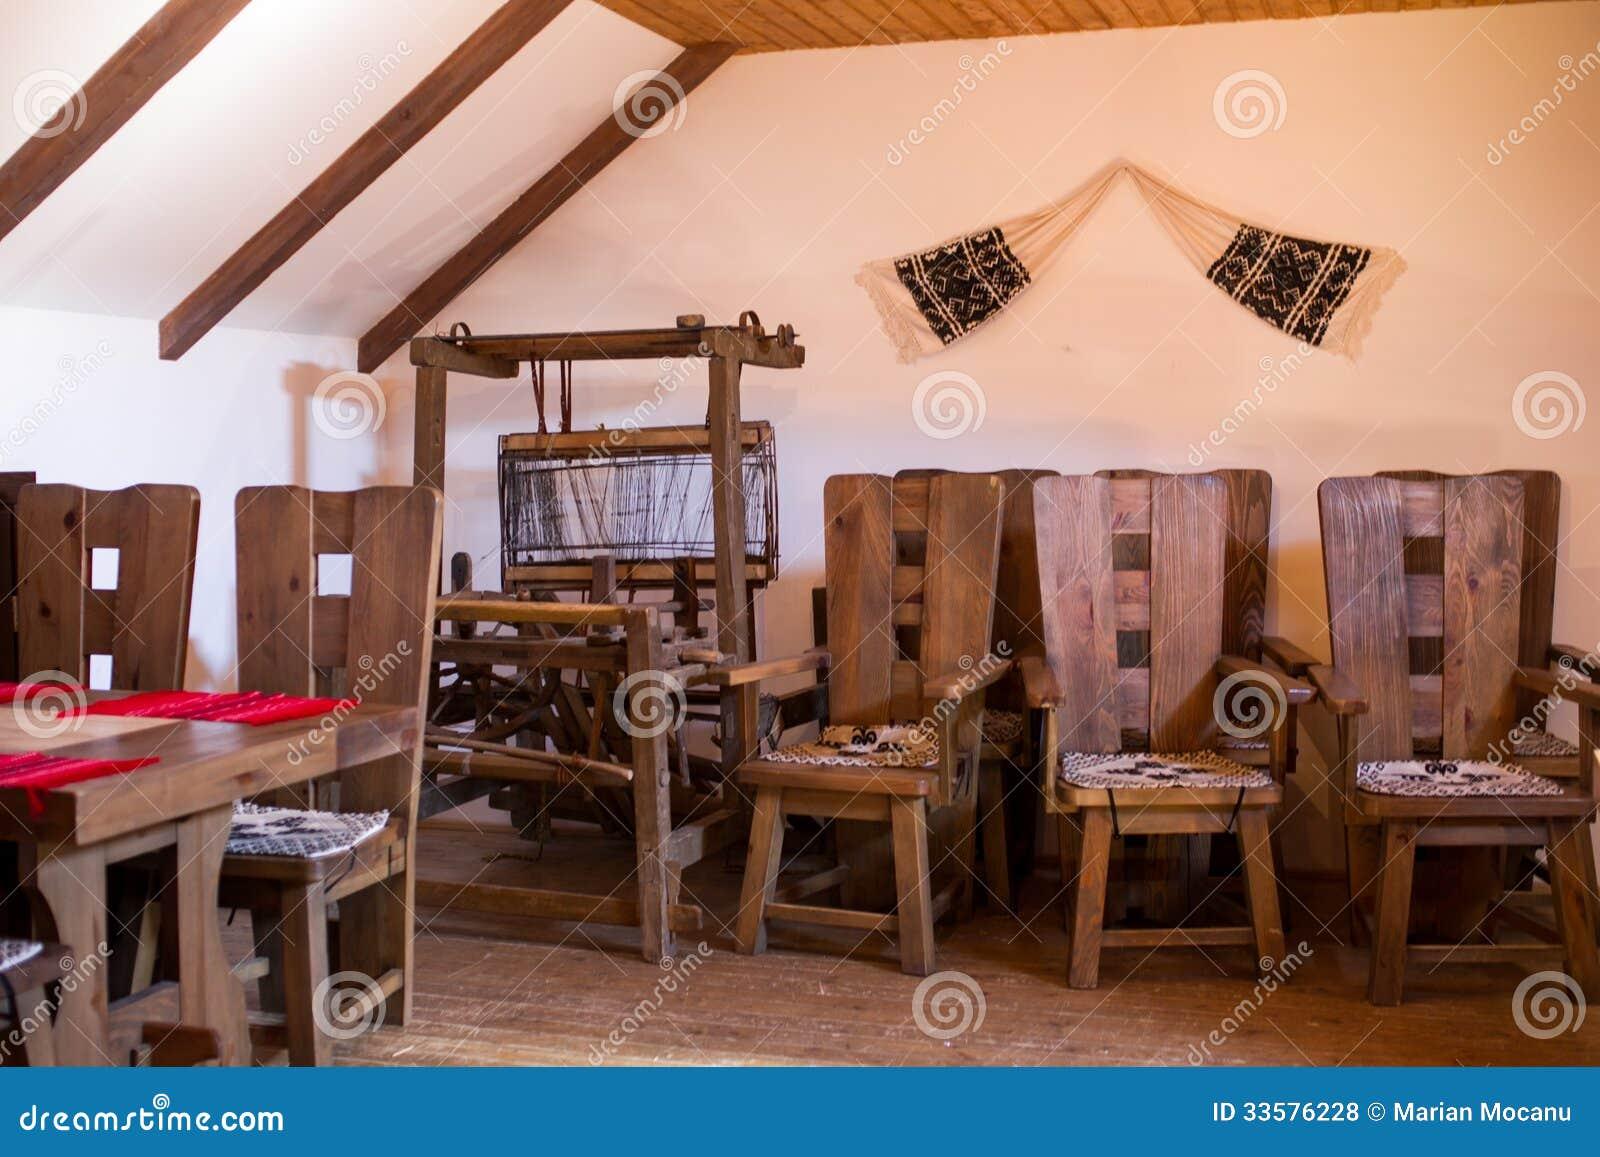 Sedie Rustiche In Legno.Sedie Rustiche Fotografia Stock Immagine Di Presidenza 33576228